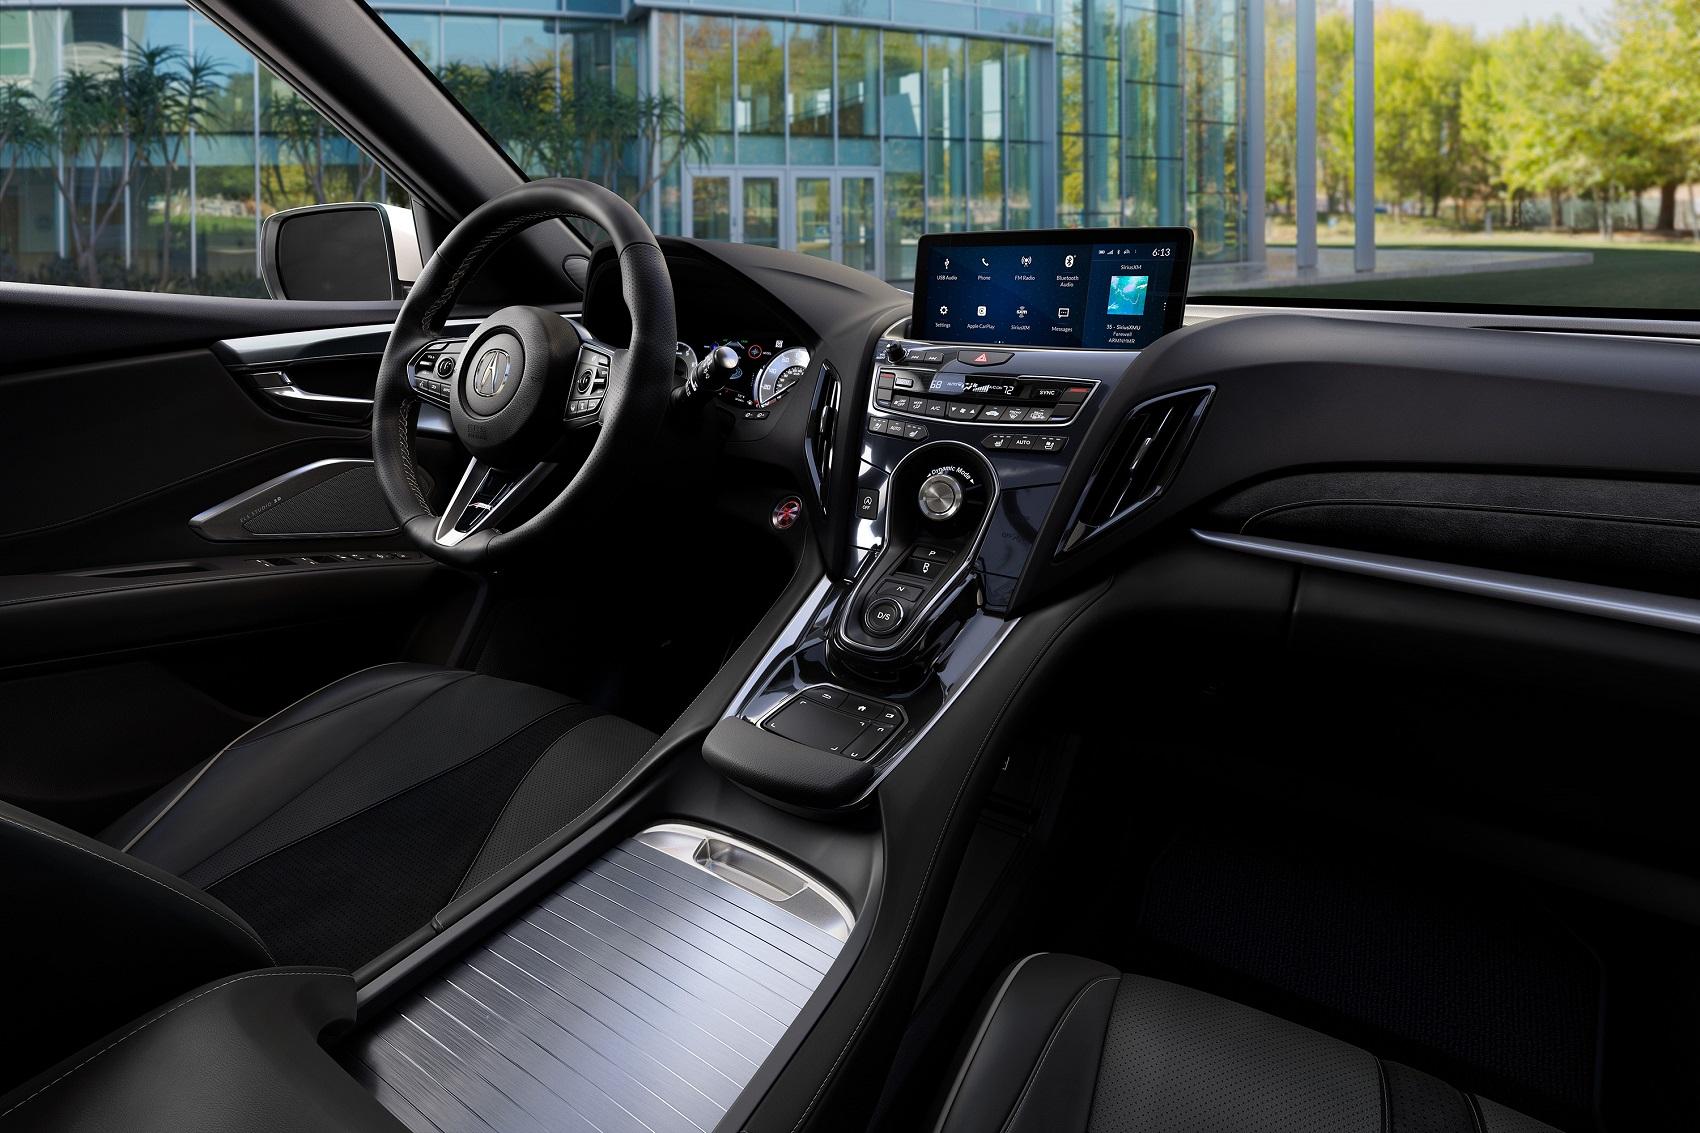 Acura RDX Interior Features